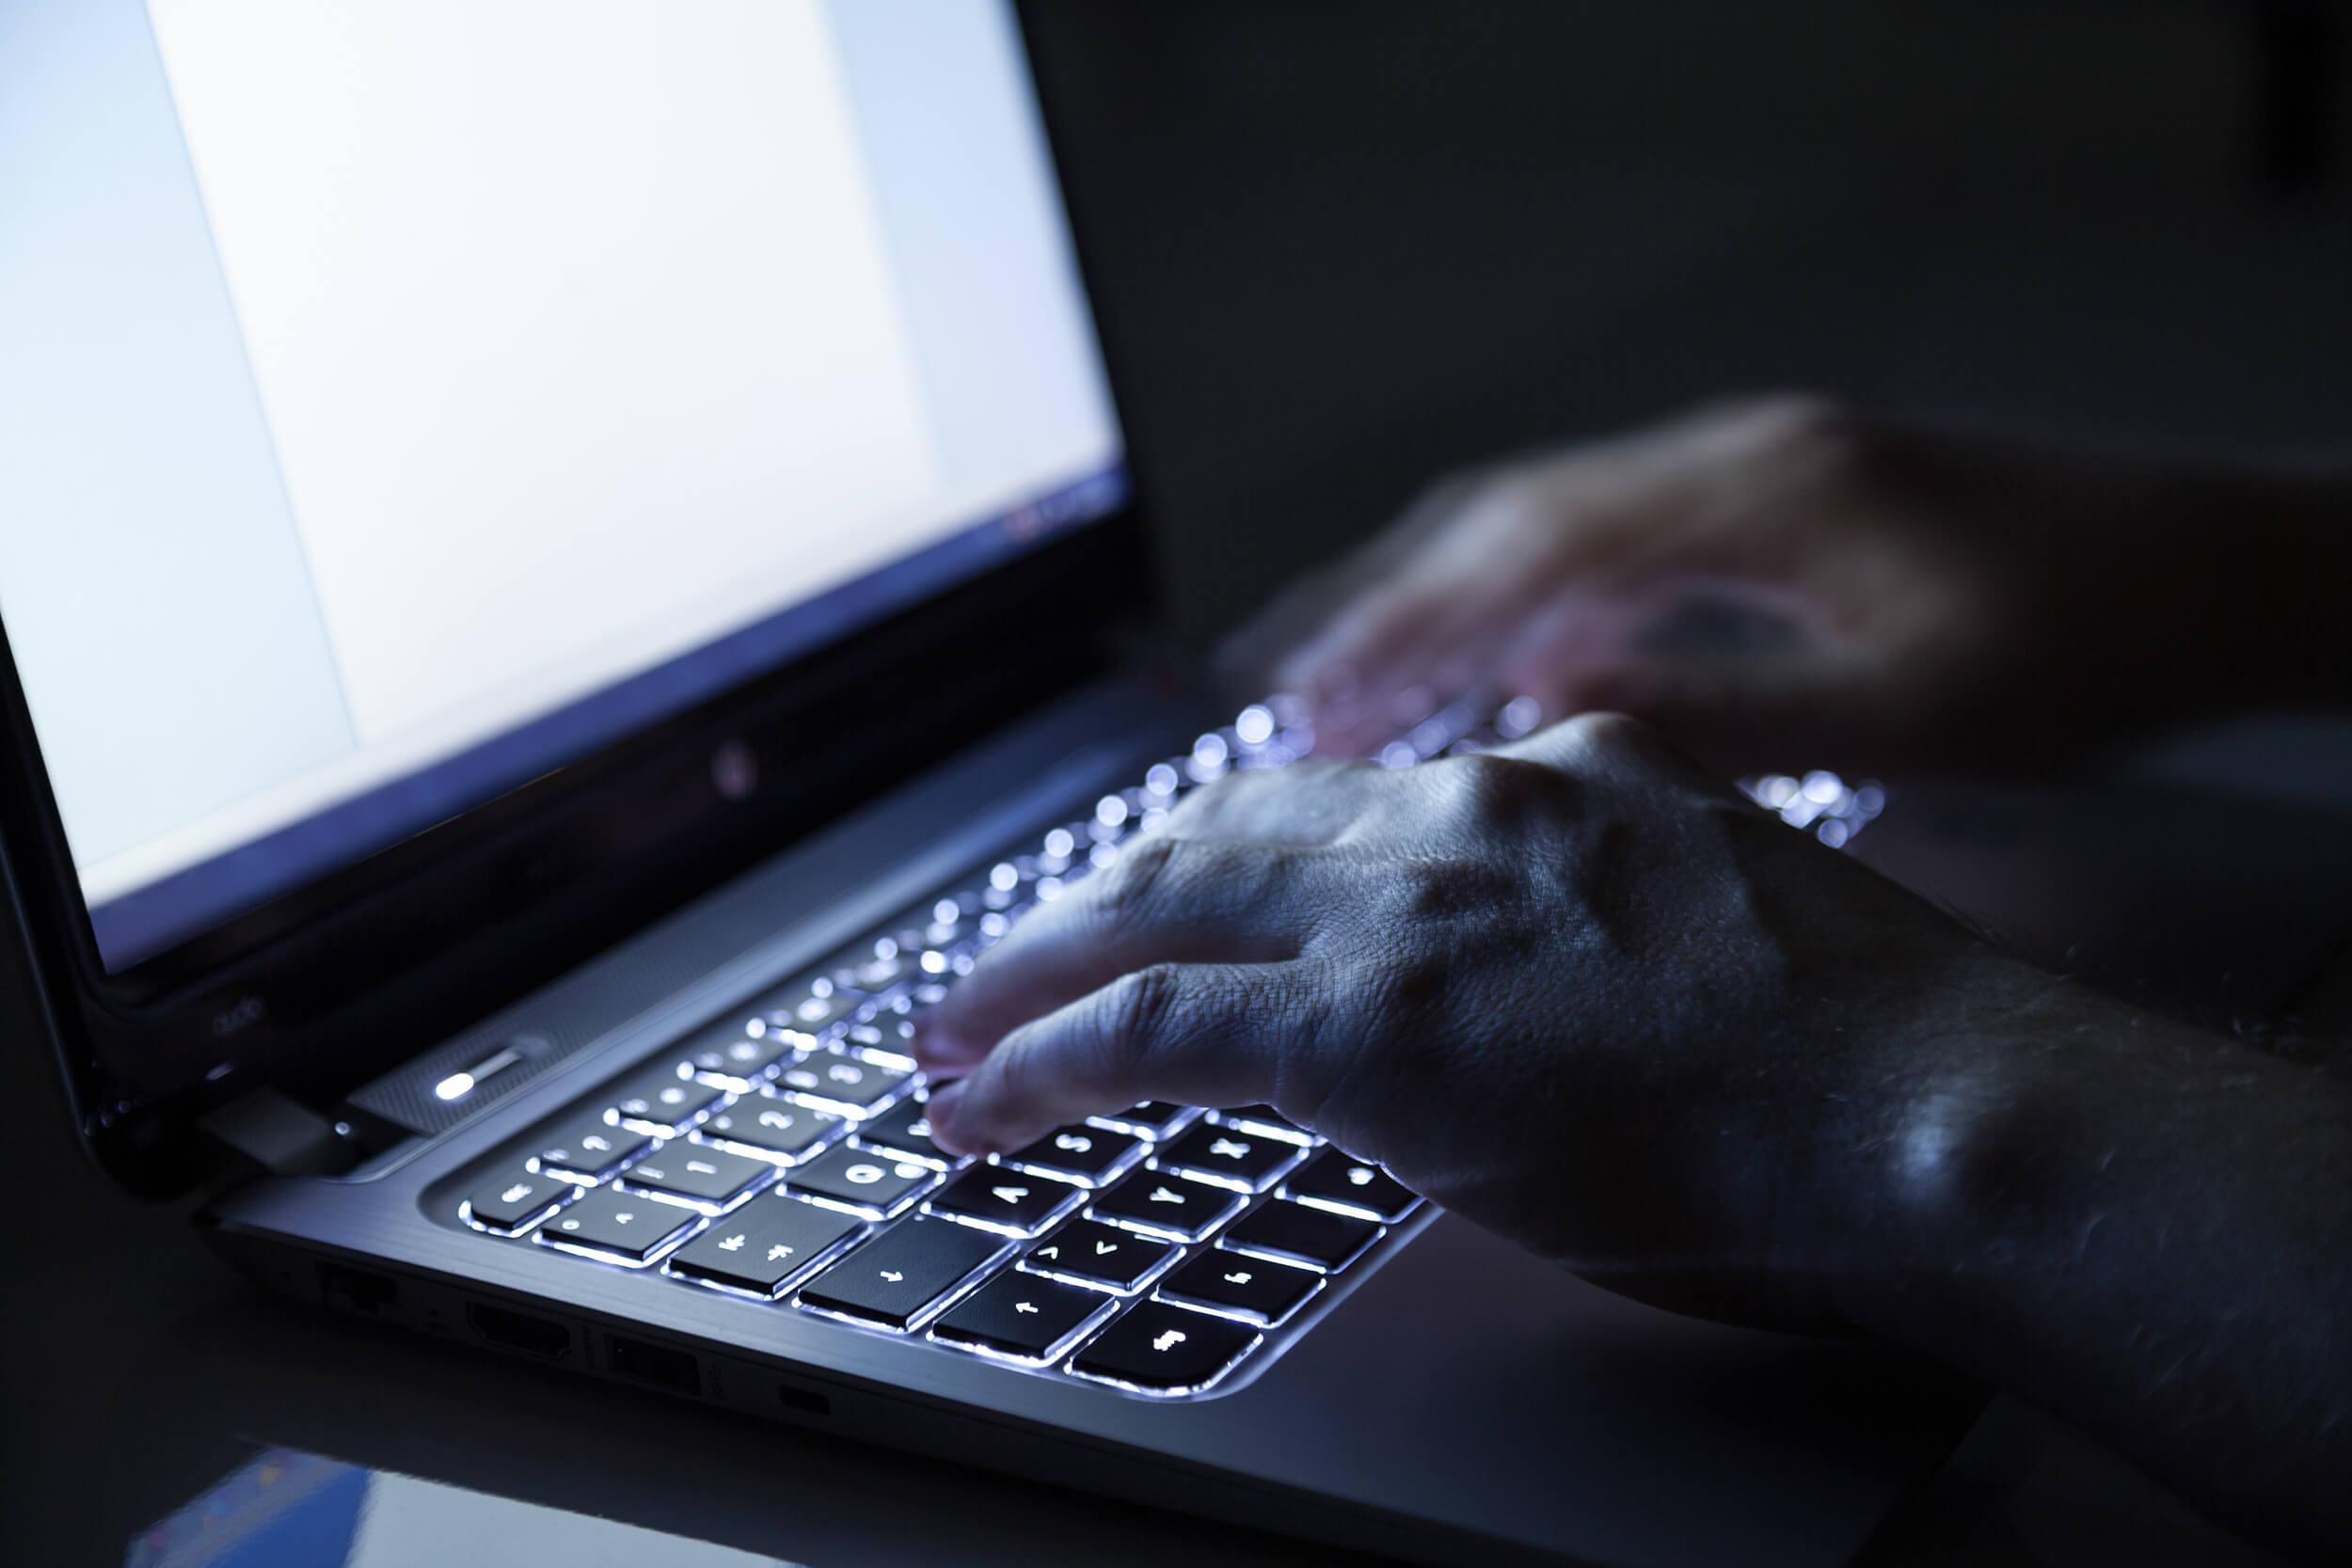 Sverige mer drabbat av Cyberattacker än andra länder